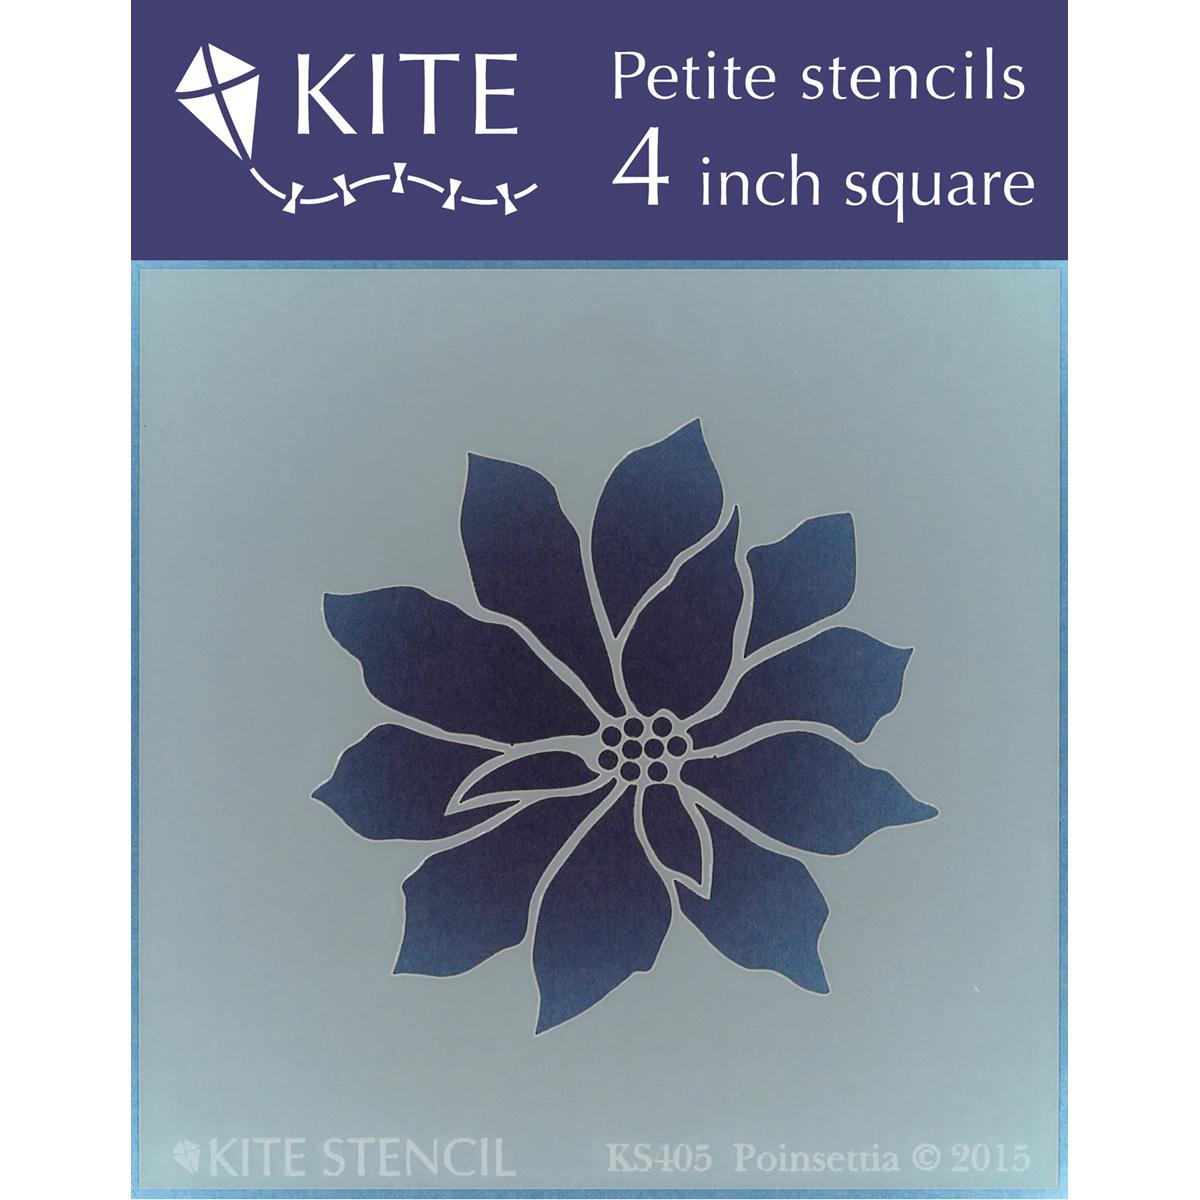 Judikins Kite Petite Stencil 4 Inch Square-Poinsettia